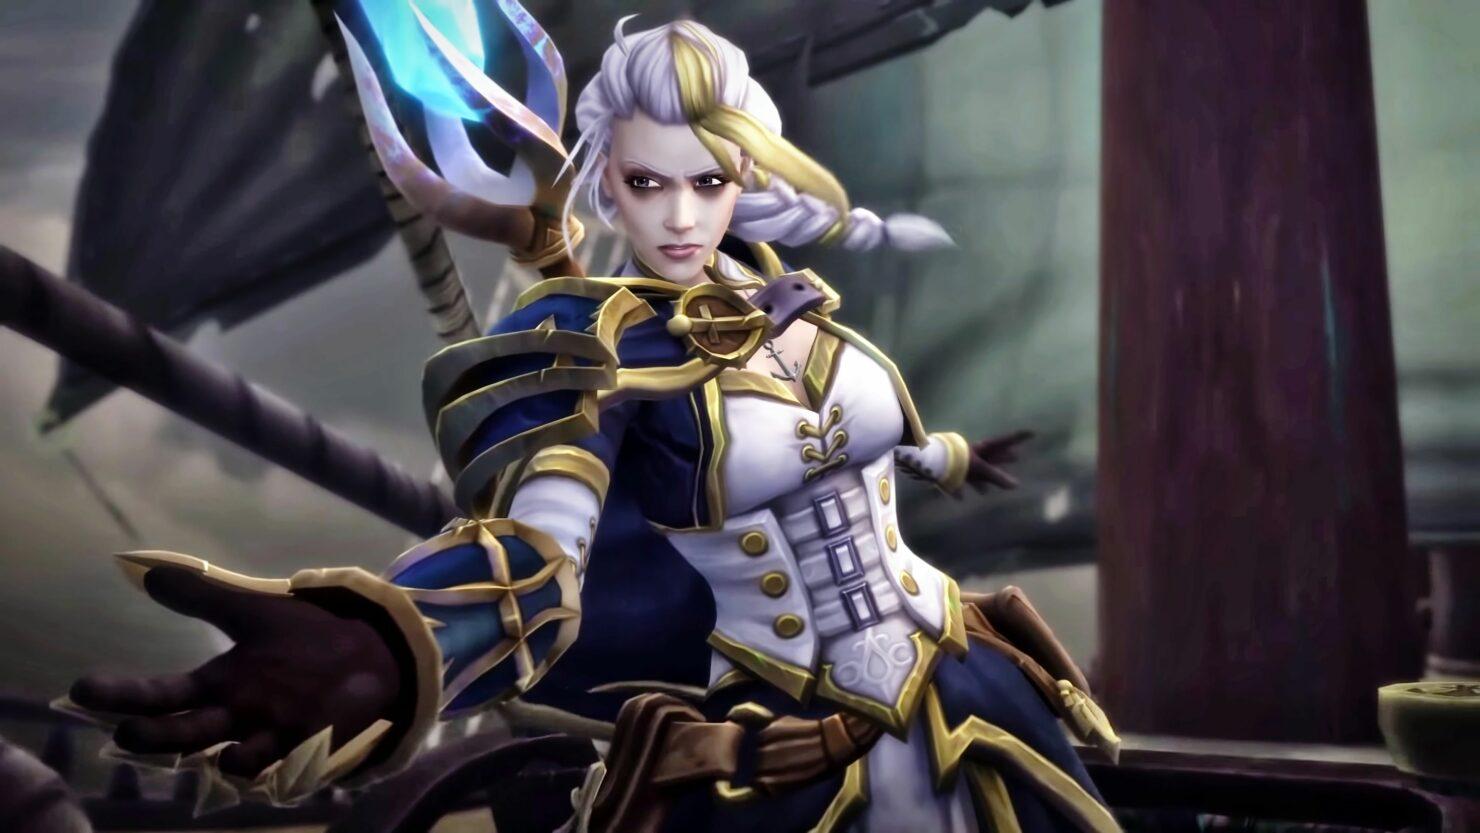 World of Warcraft Battle for Azeroth hotfix jaina proudmore nerf